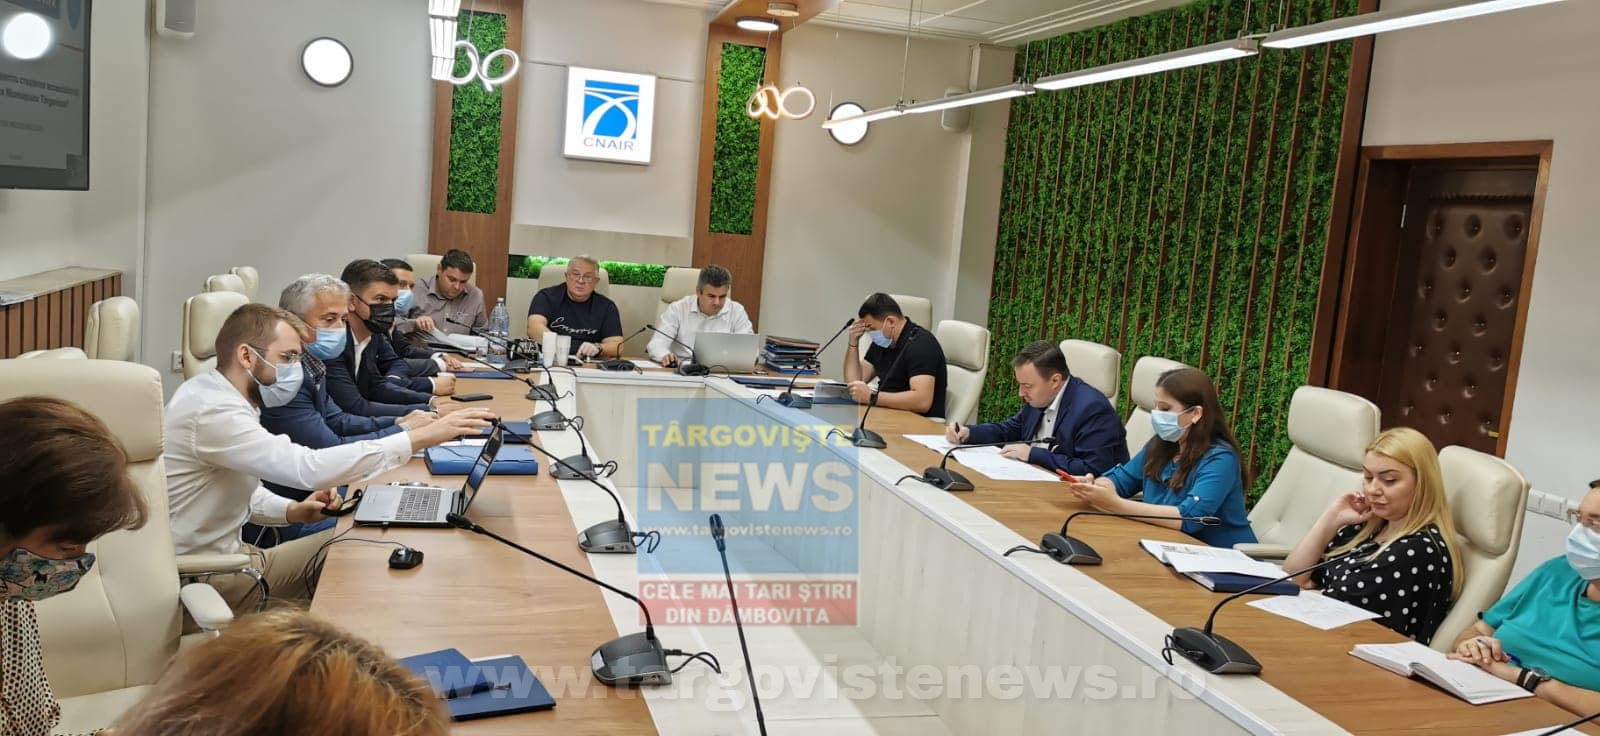 Veşti bune pentru construirea Inelui 2 de centură al municipiului Târgovişte şi a centurilor Pucioasa şi Fieni